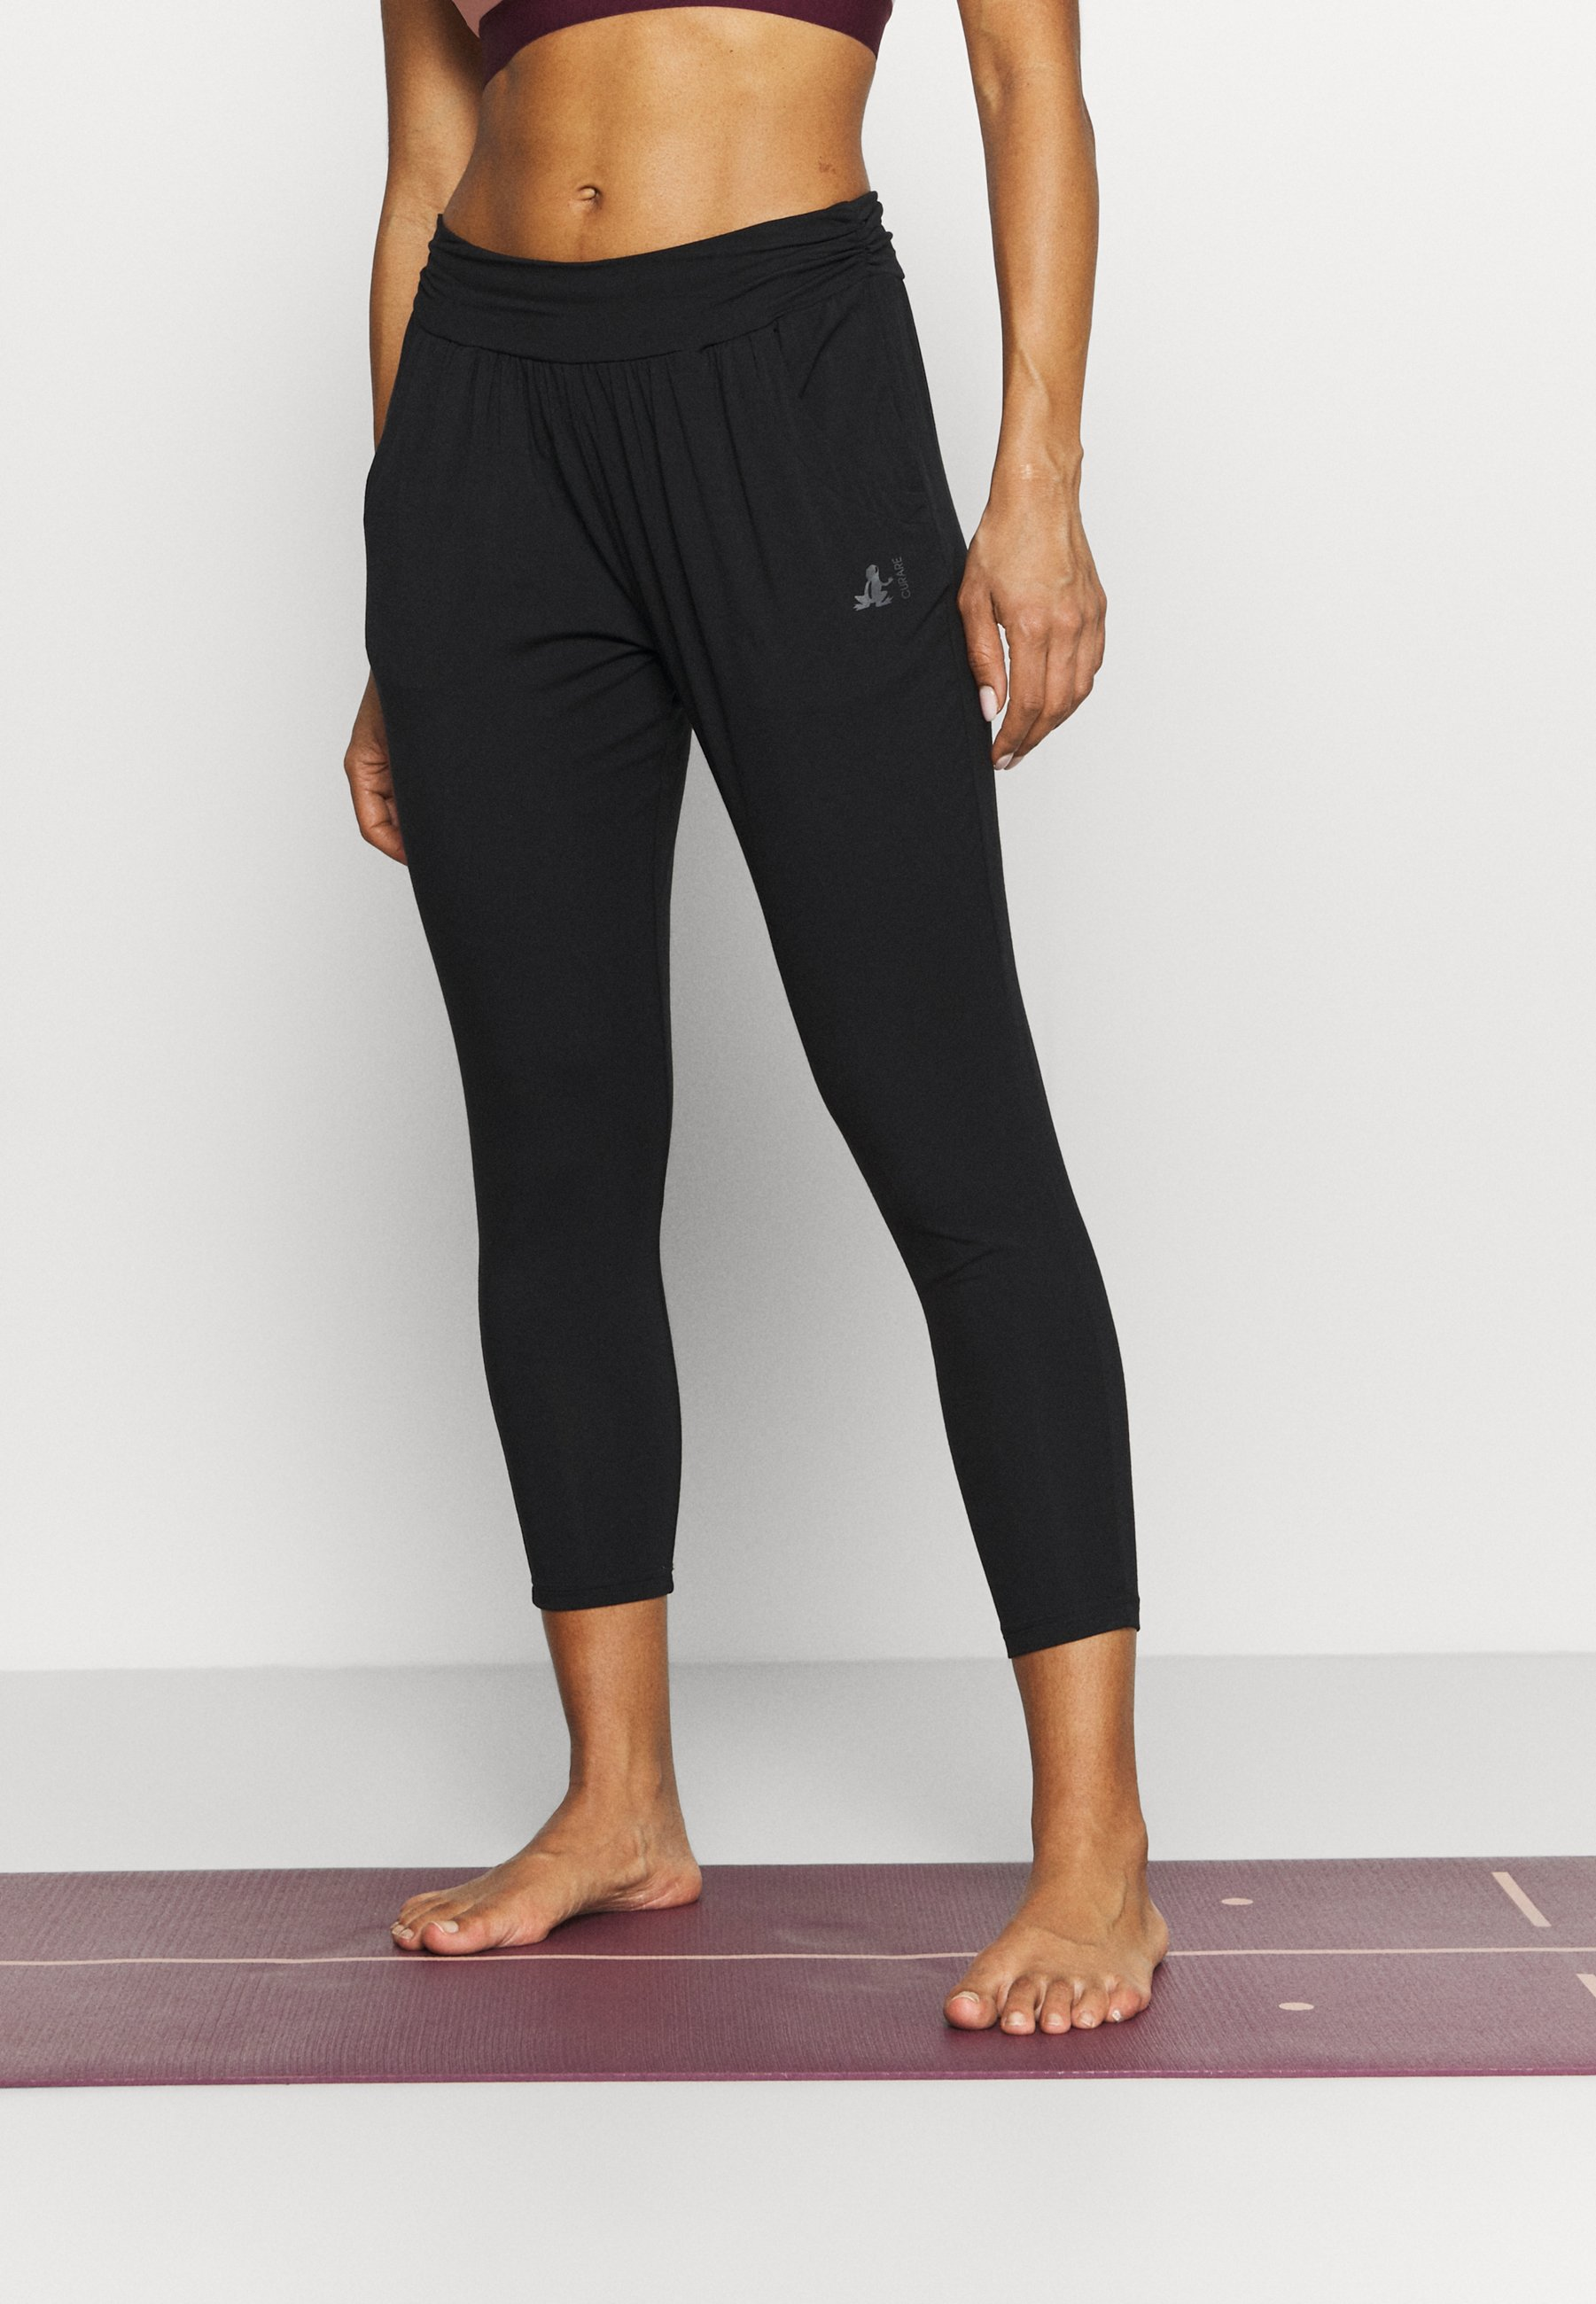 Femme PANTS 7/8 LENGTH - Pantalon de survêtement